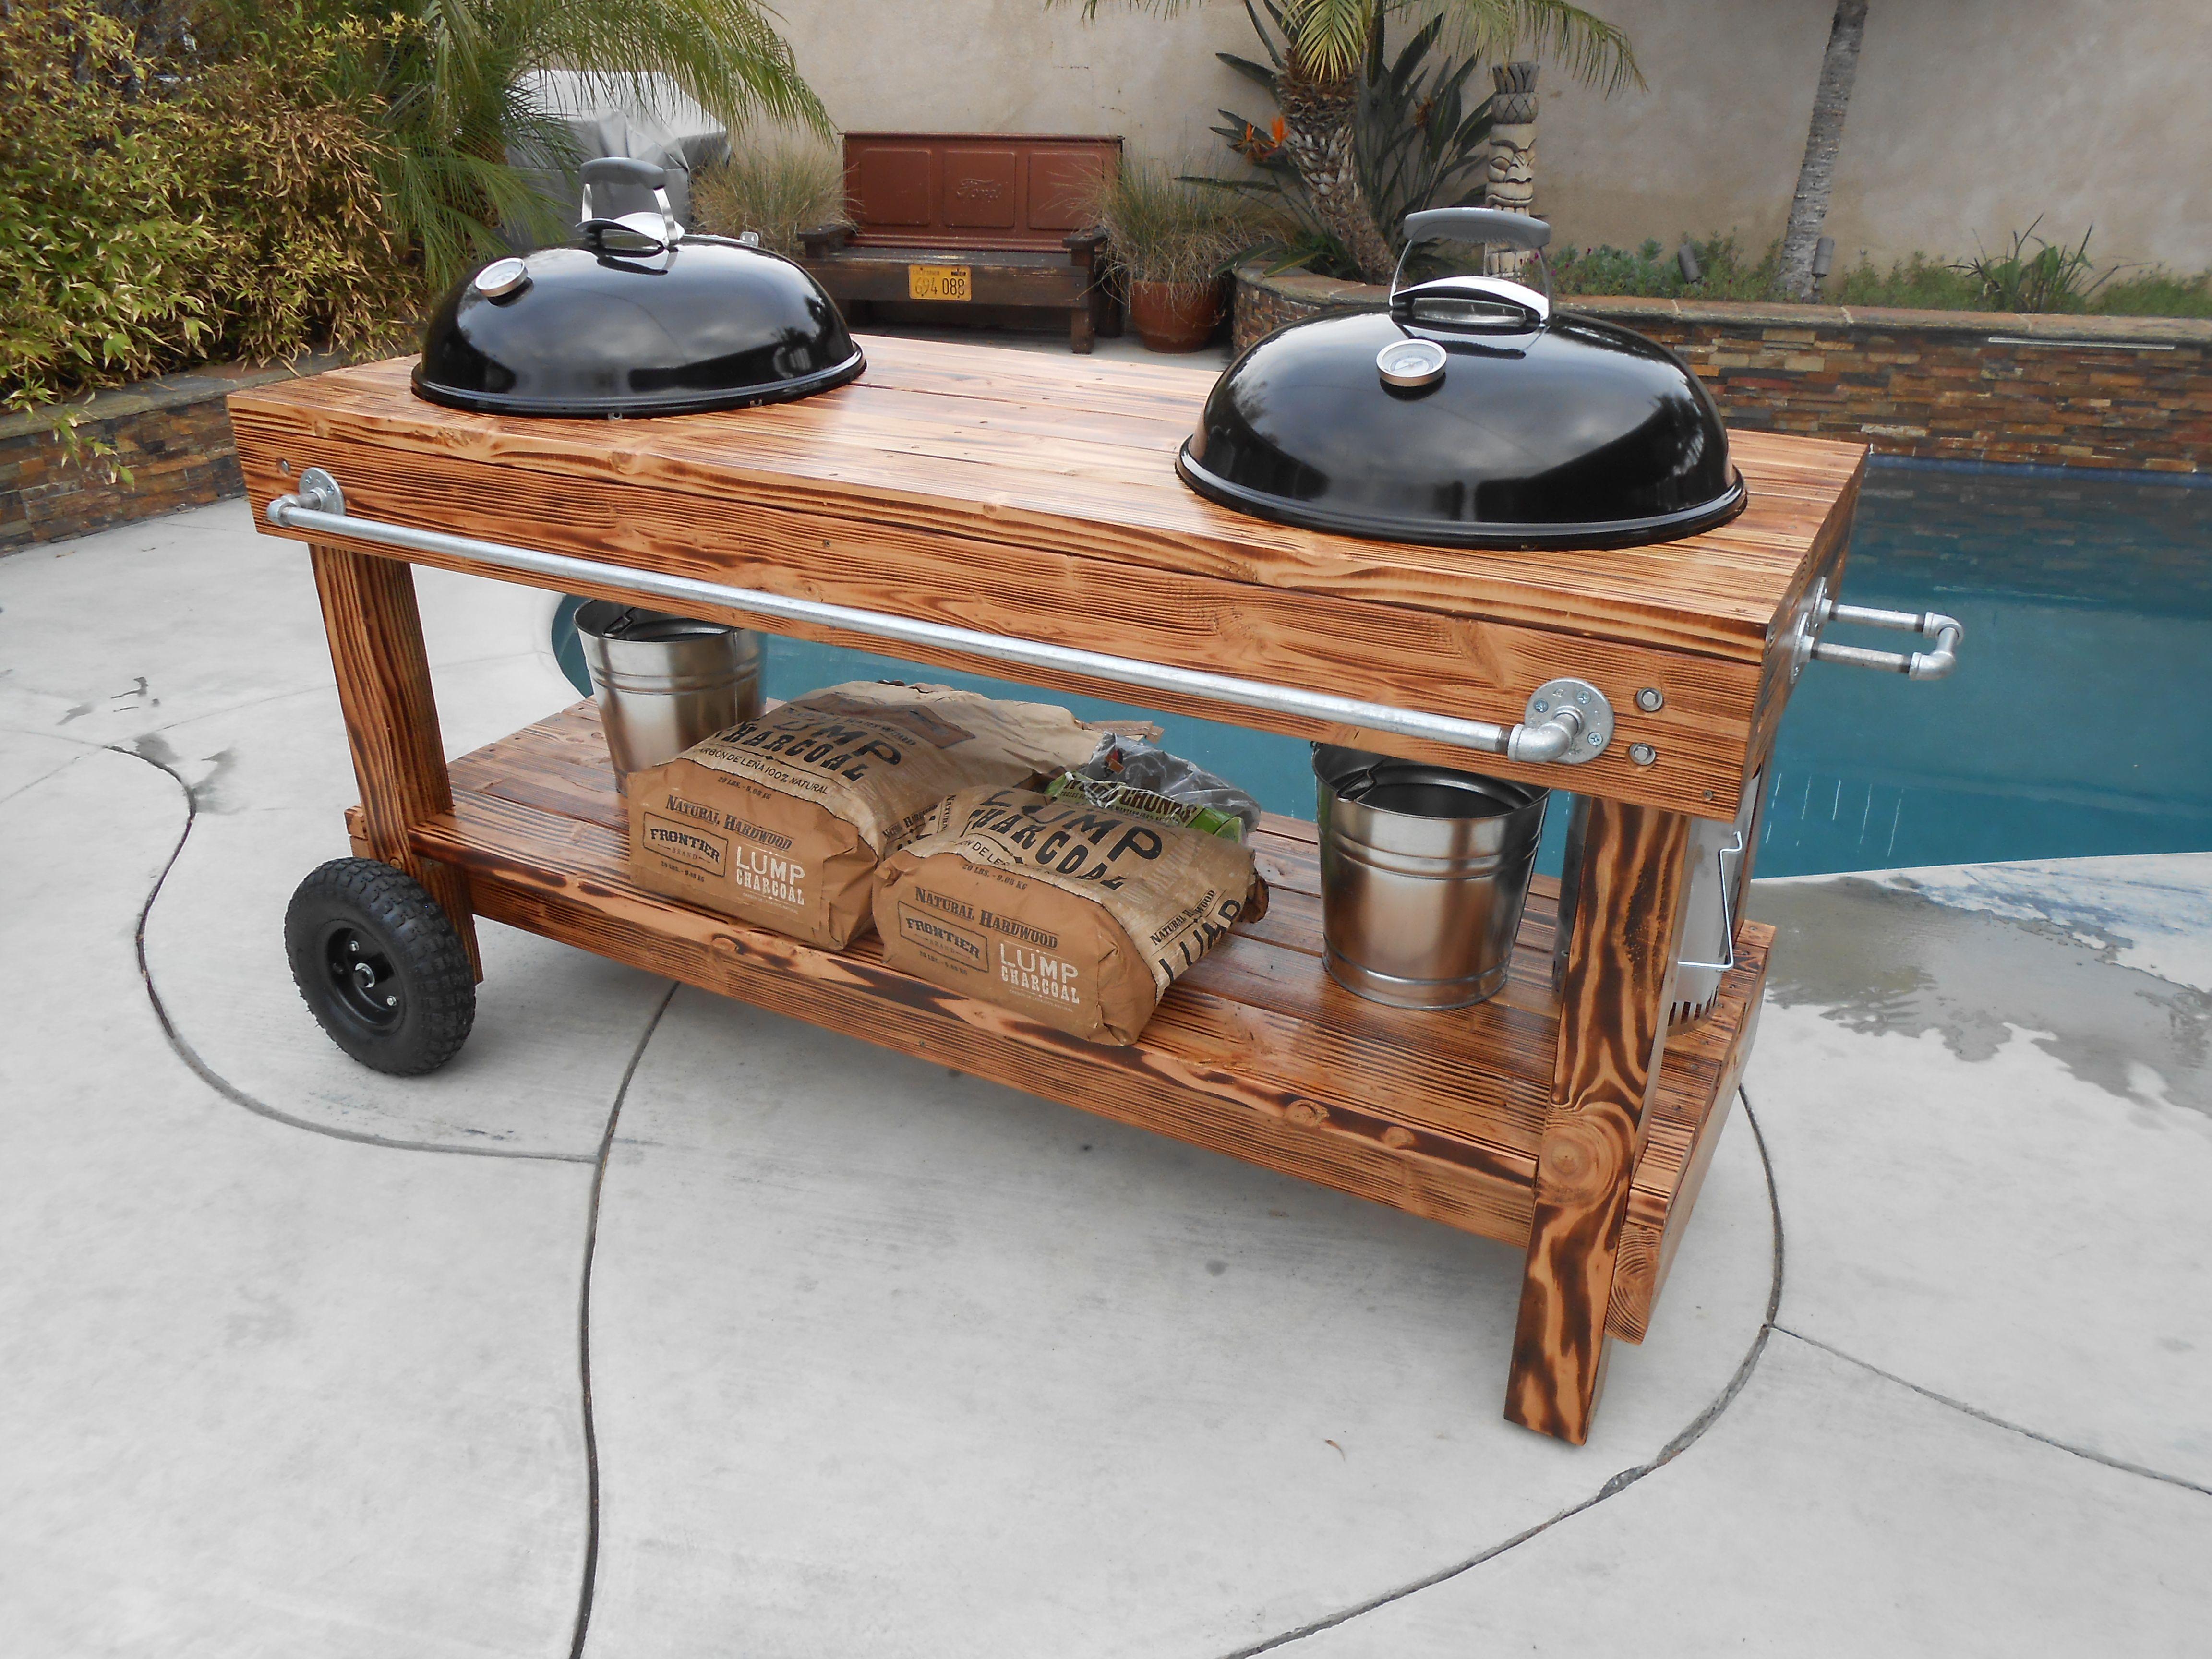 Weber Grill Outdoor Küche : Küchen zubehör kinder genial küche für kinder aus holz weber grill